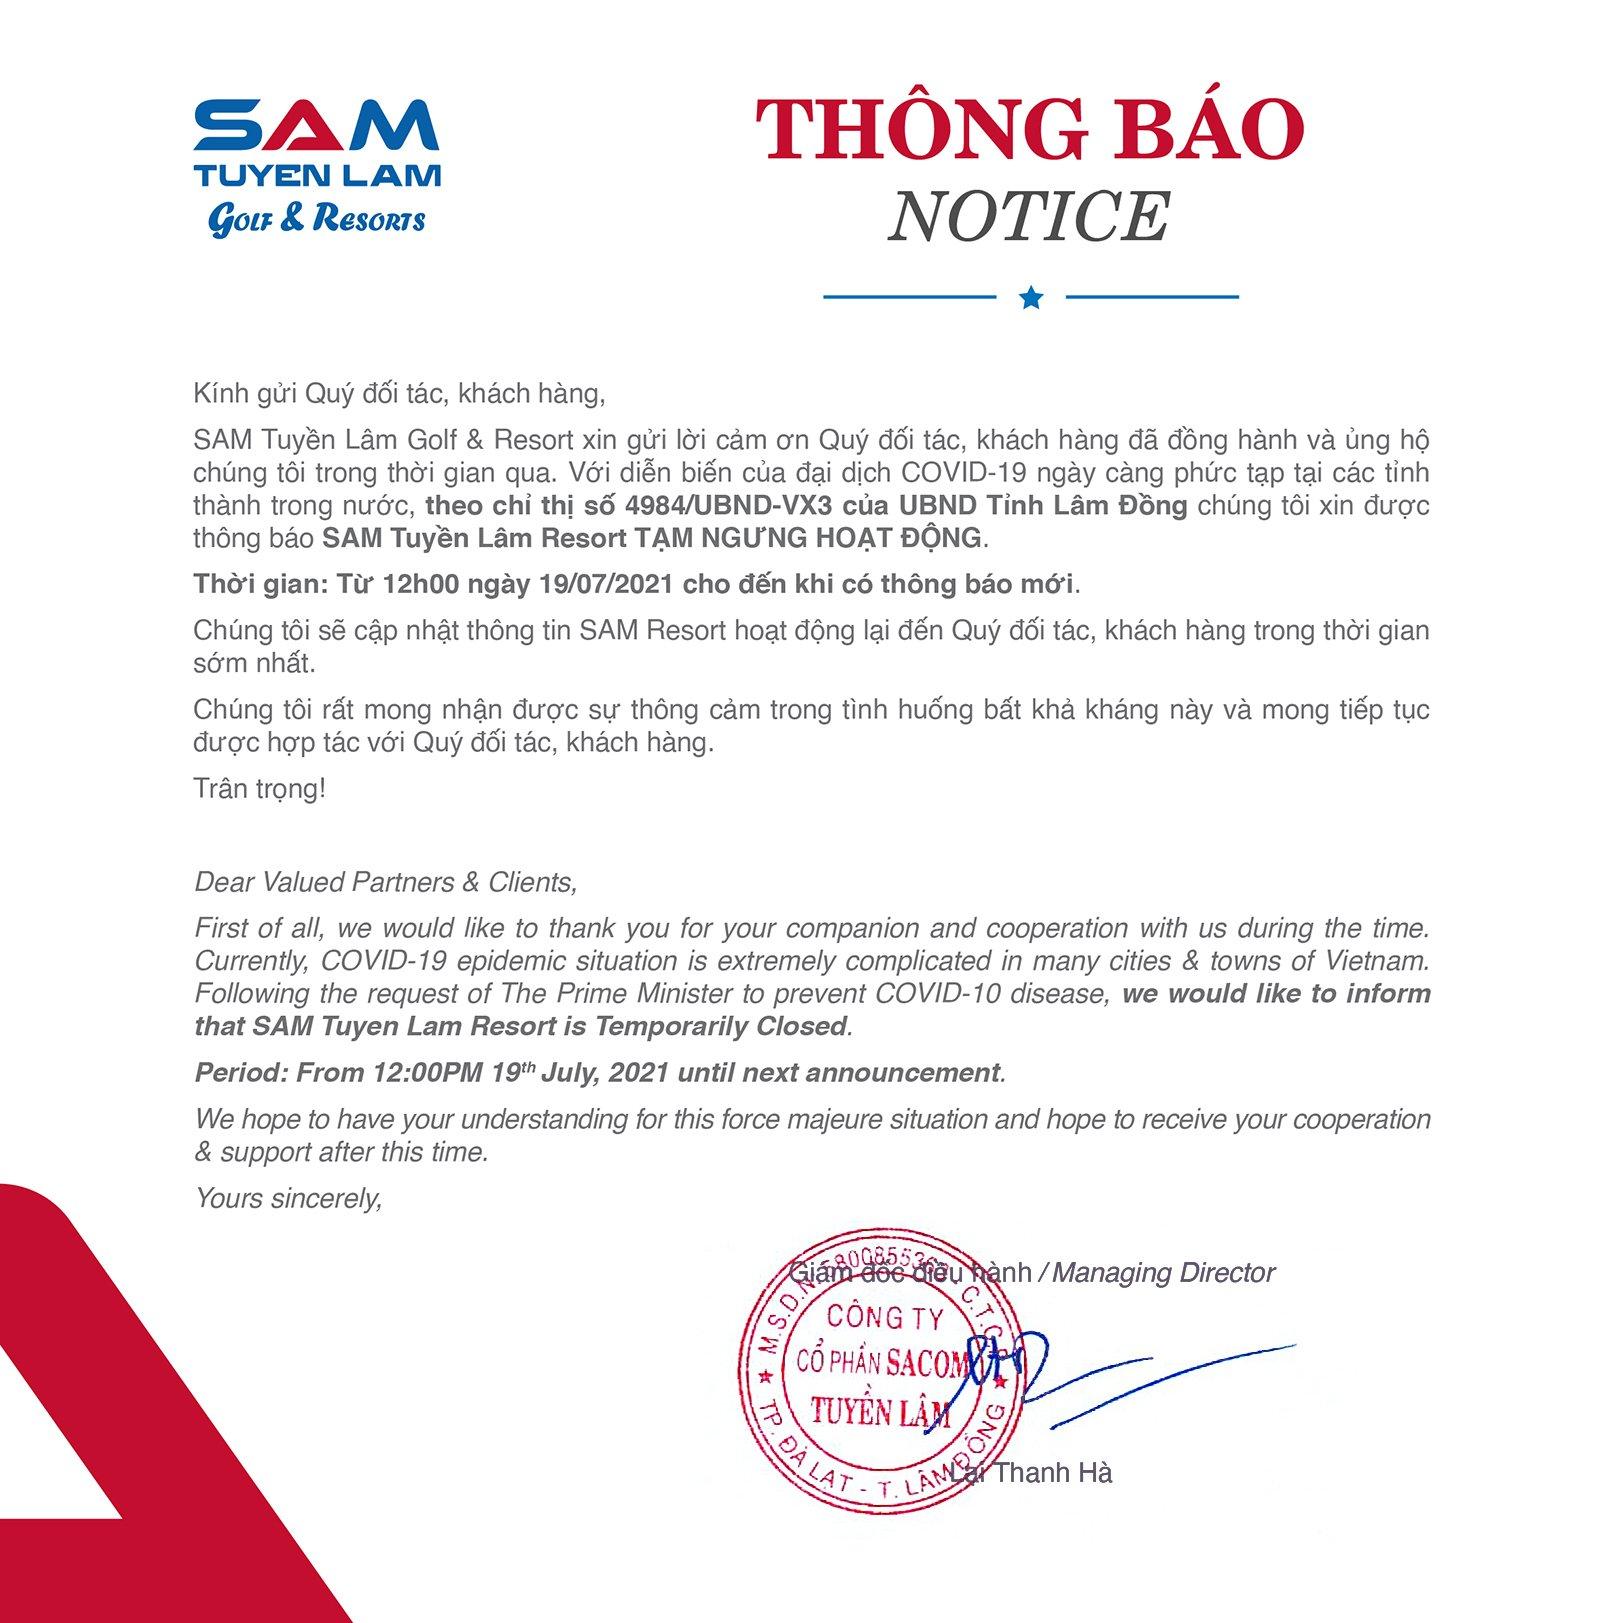 (Tiếng Việt) THÔNG BÁO TẠM NGƯNG HOẠT ĐỘNG